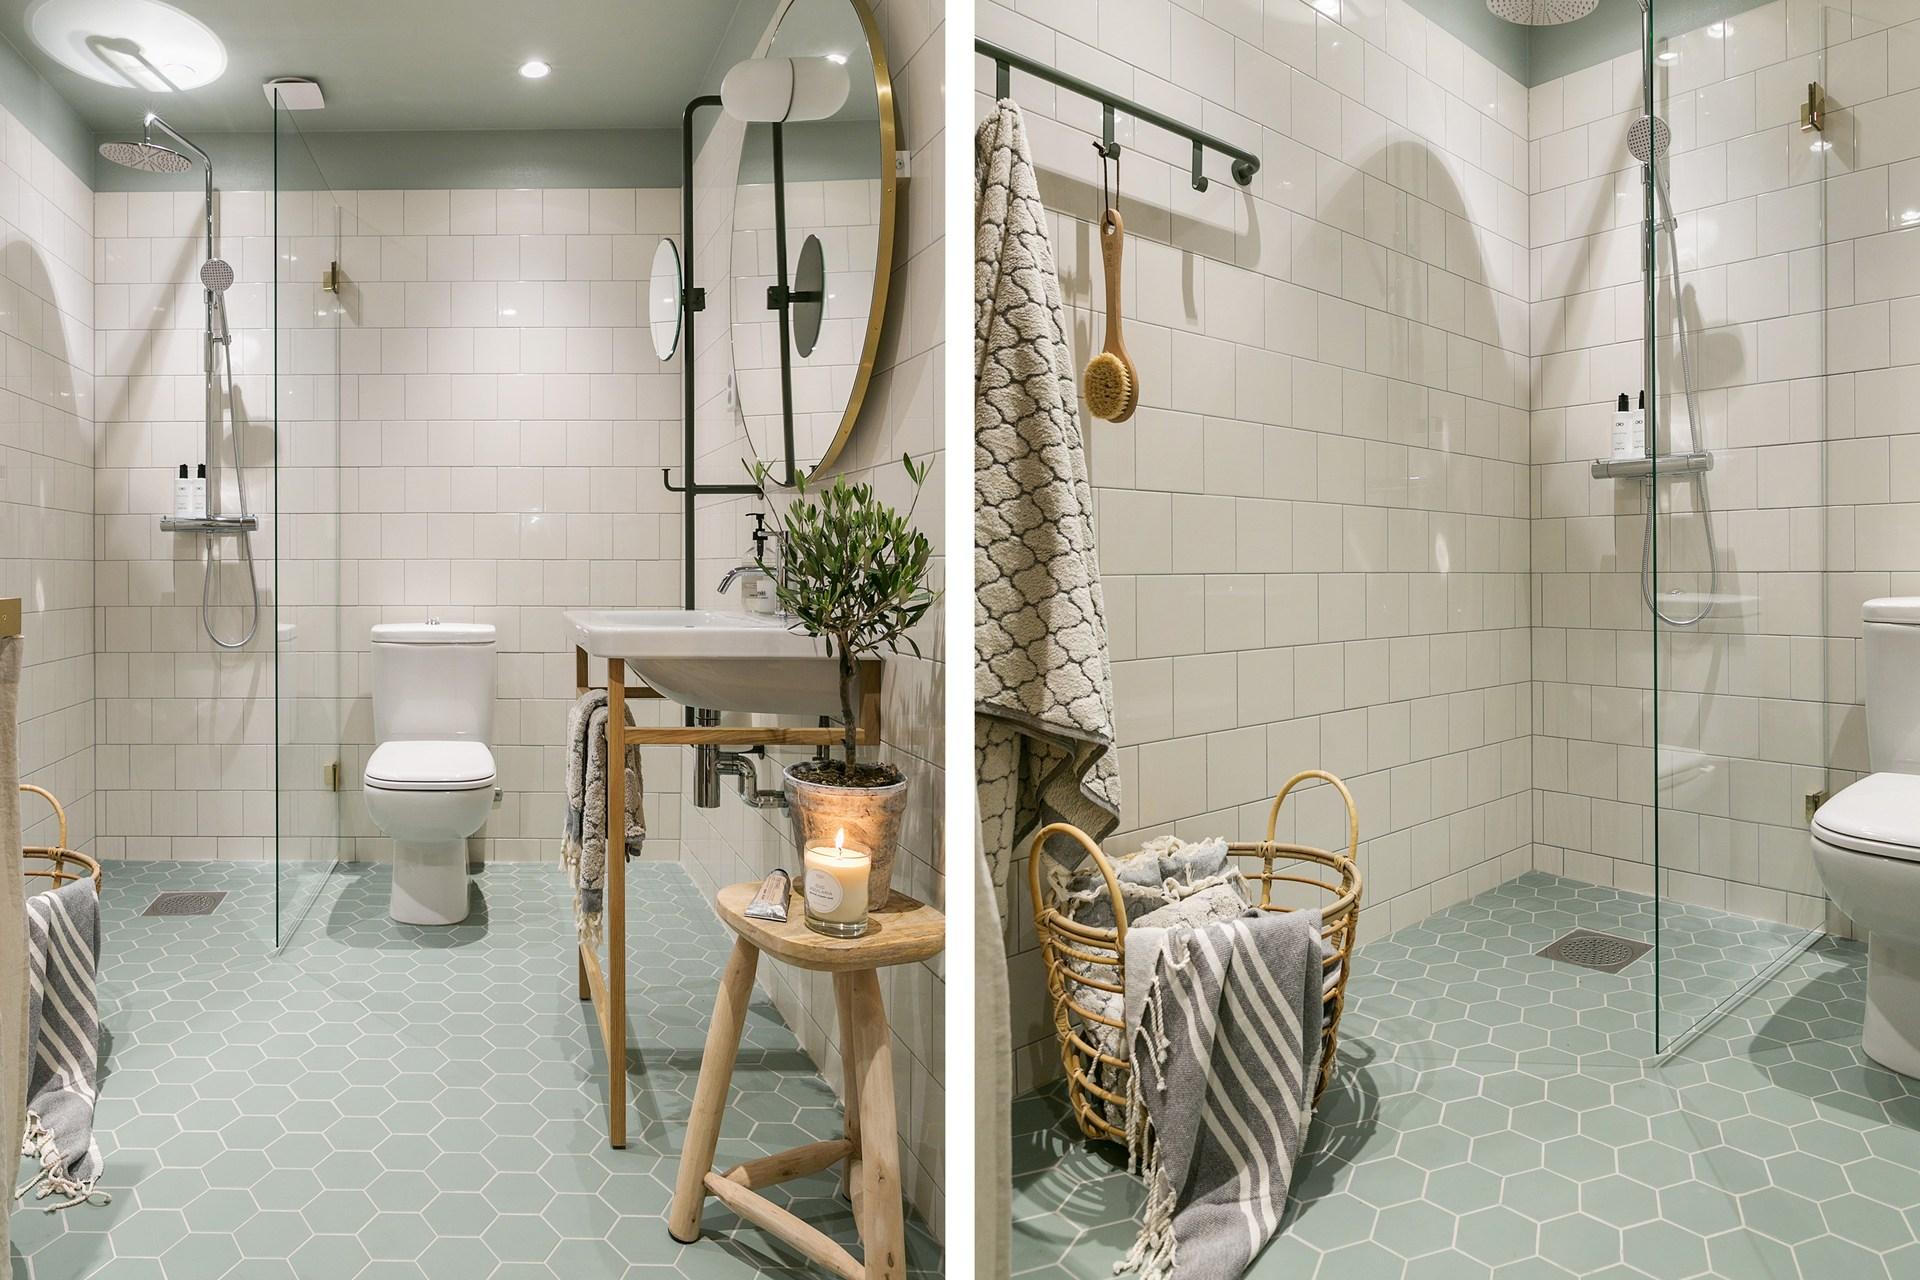 санузел душ раковина зеркало плитка корзина стул